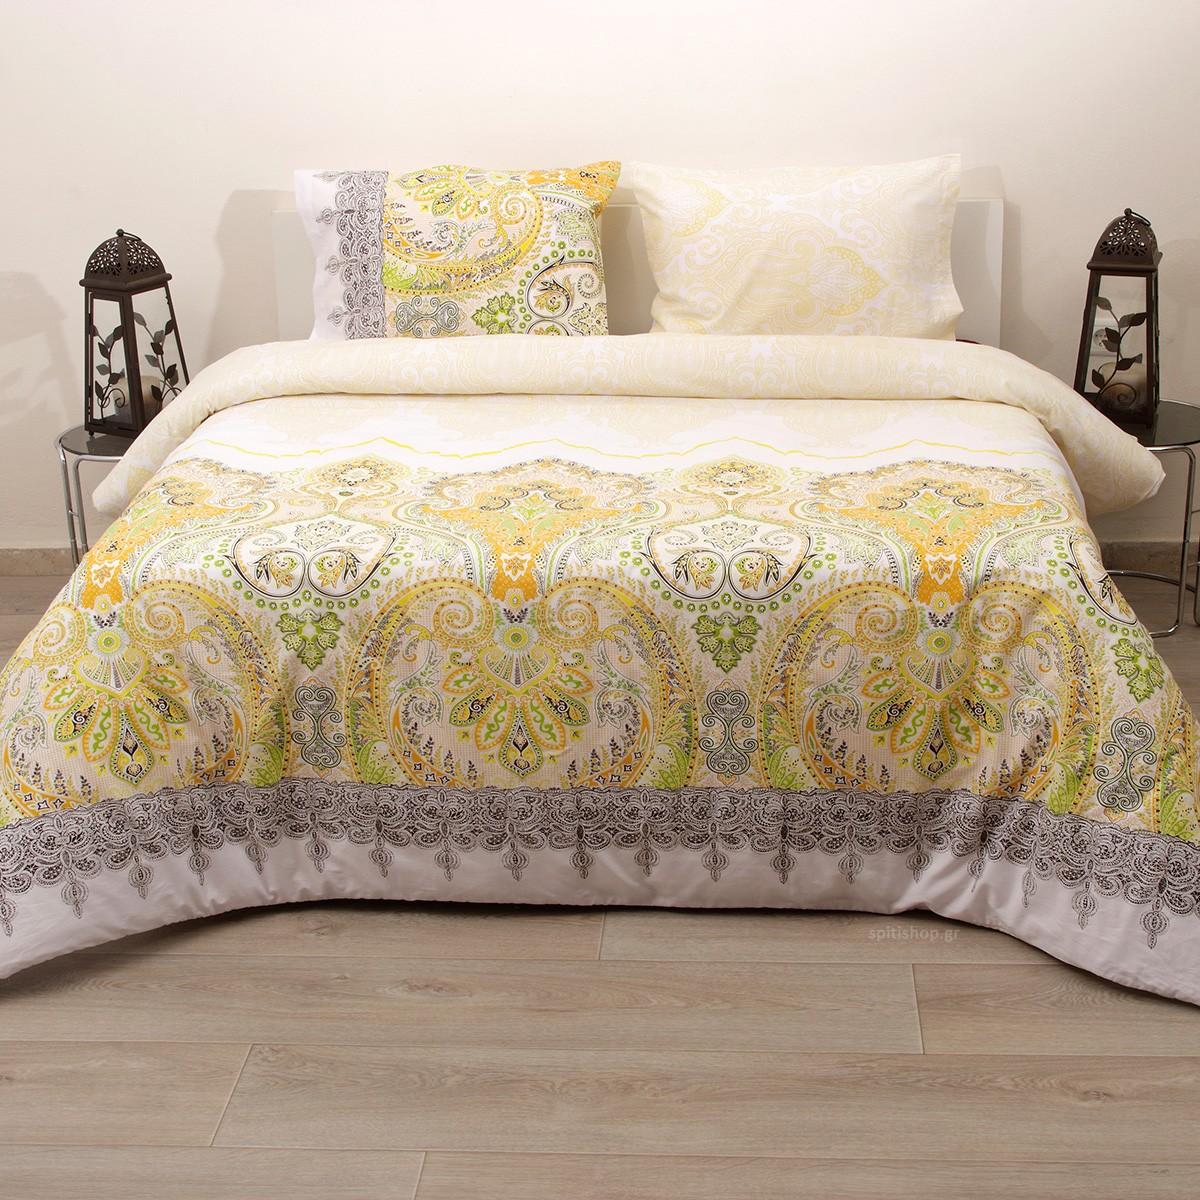 Πάπλωμα Ημίδιπλο (Σετ) Viopros Fresh Ίντι home   κρεβατοκάμαρα   παπλώματα   παπλώματα ημίδιπλα   διπλά